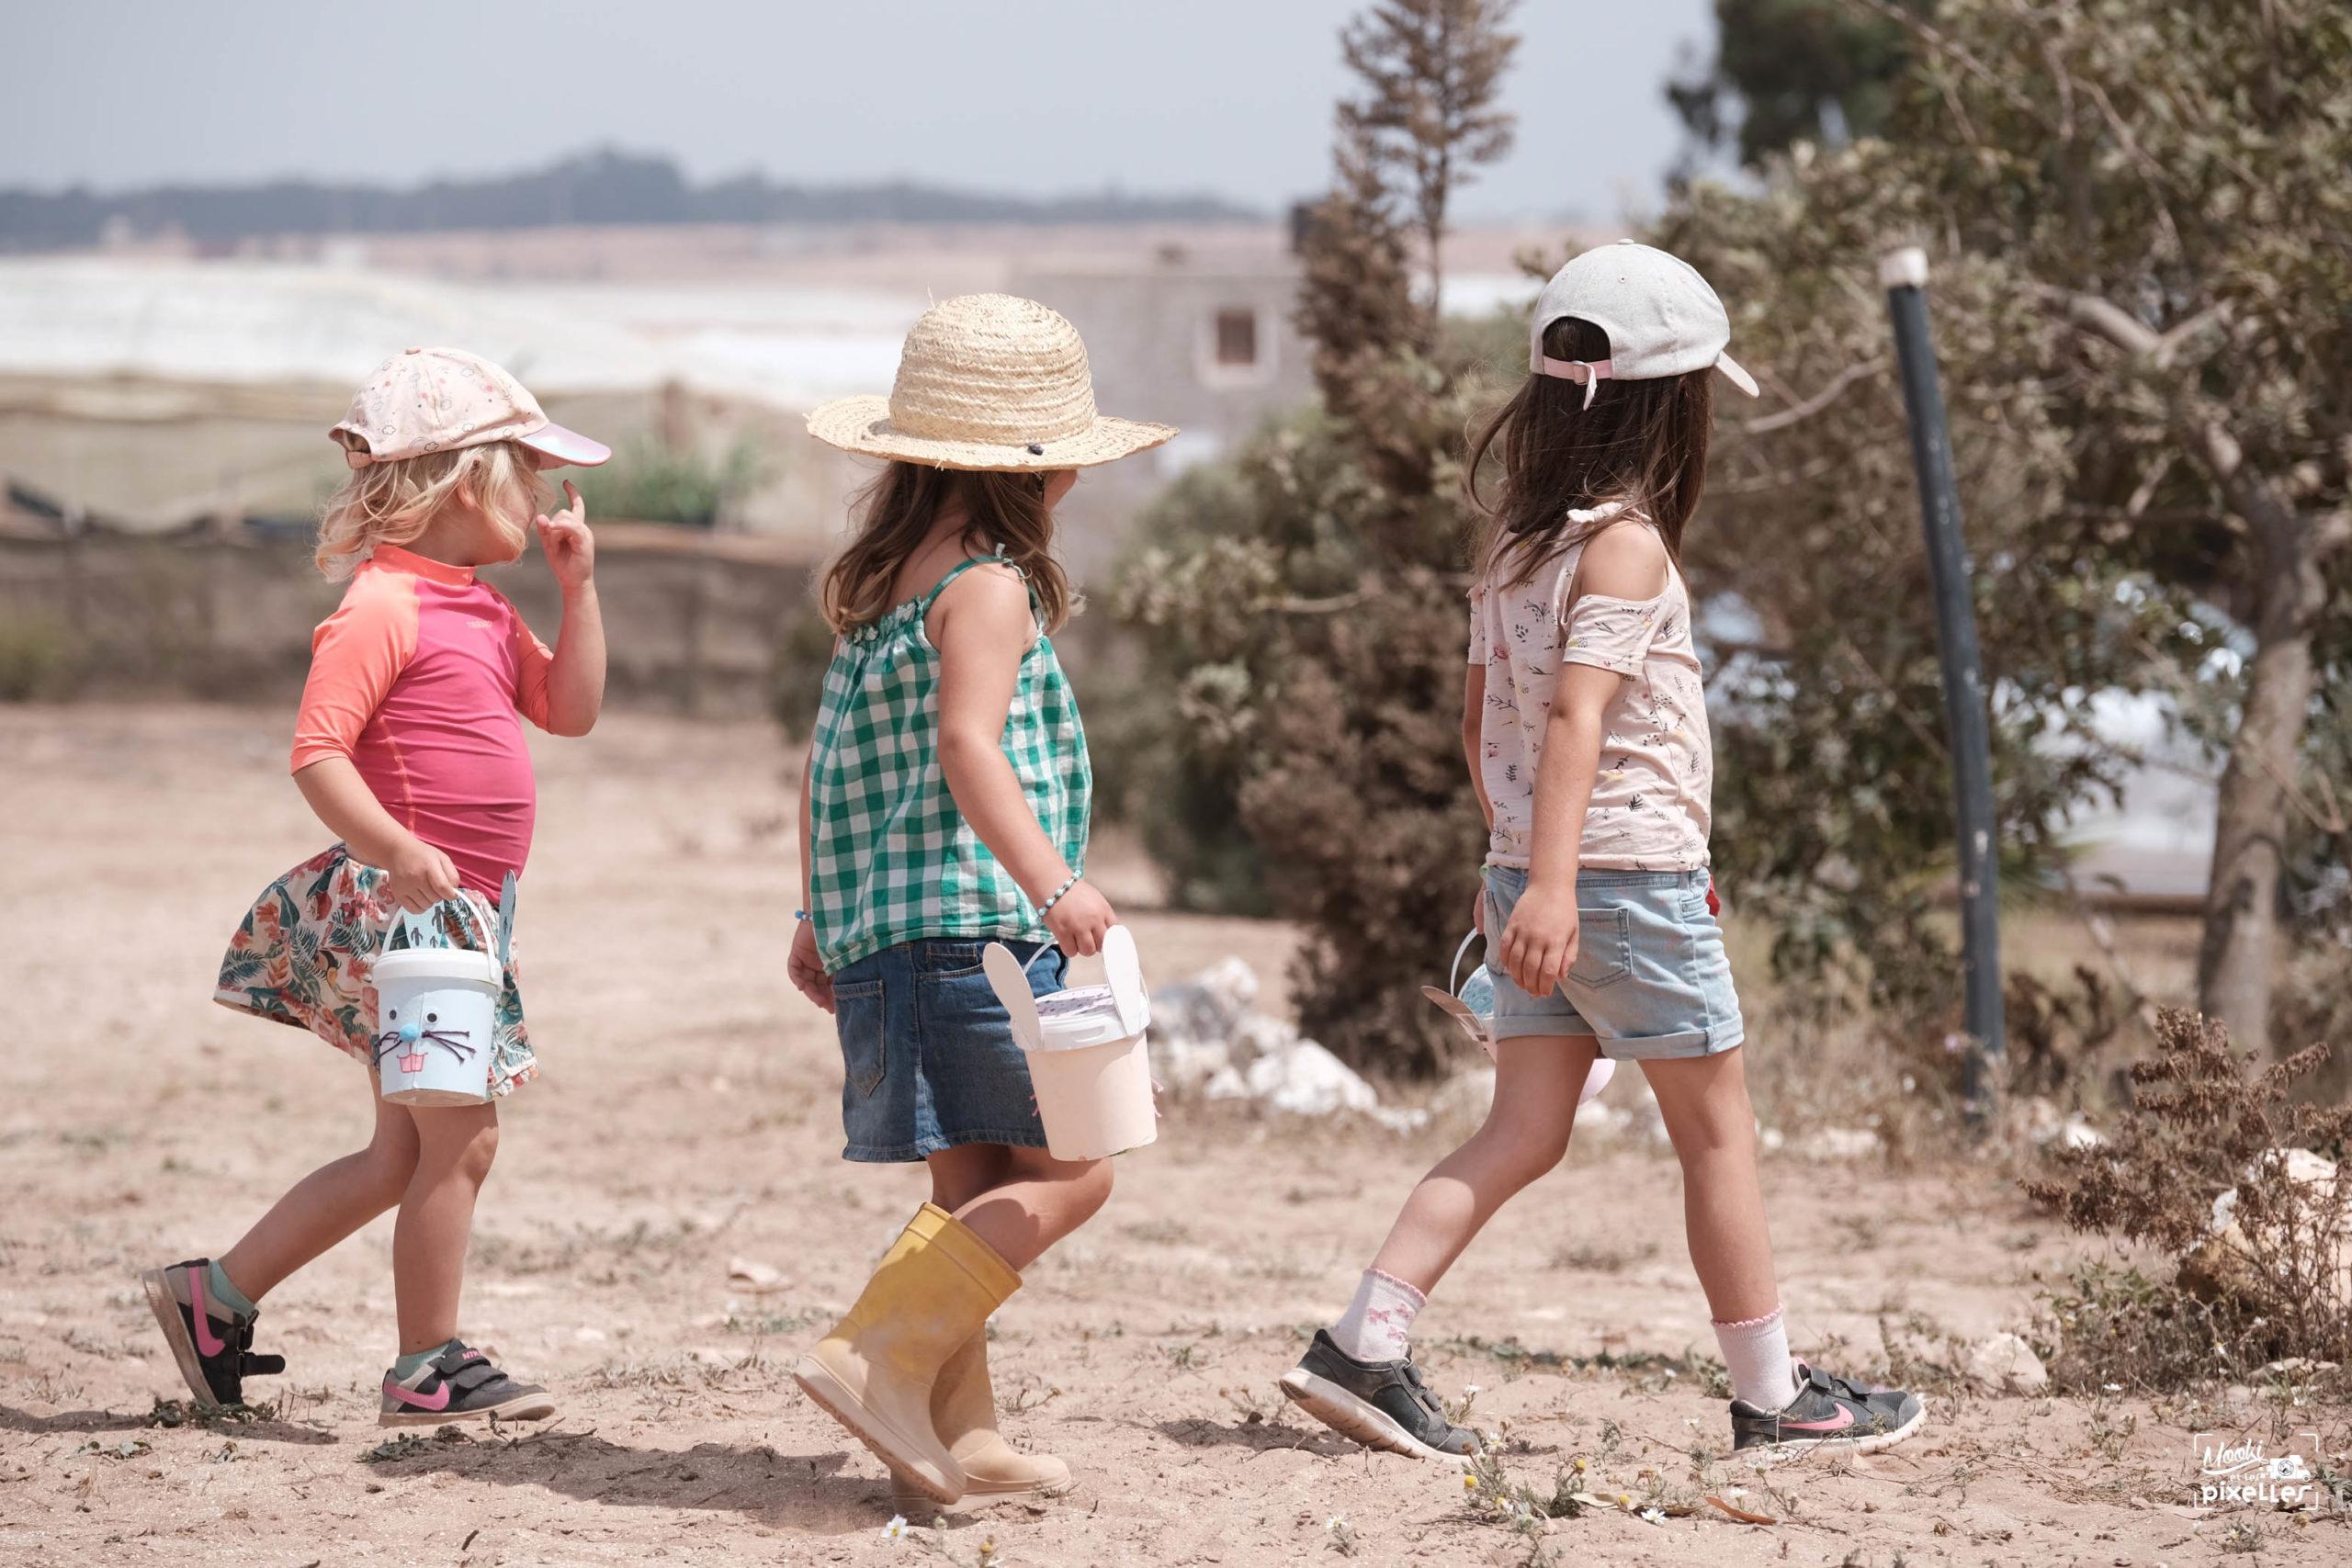 les filles partent à la chasse aux oeufs de pâques